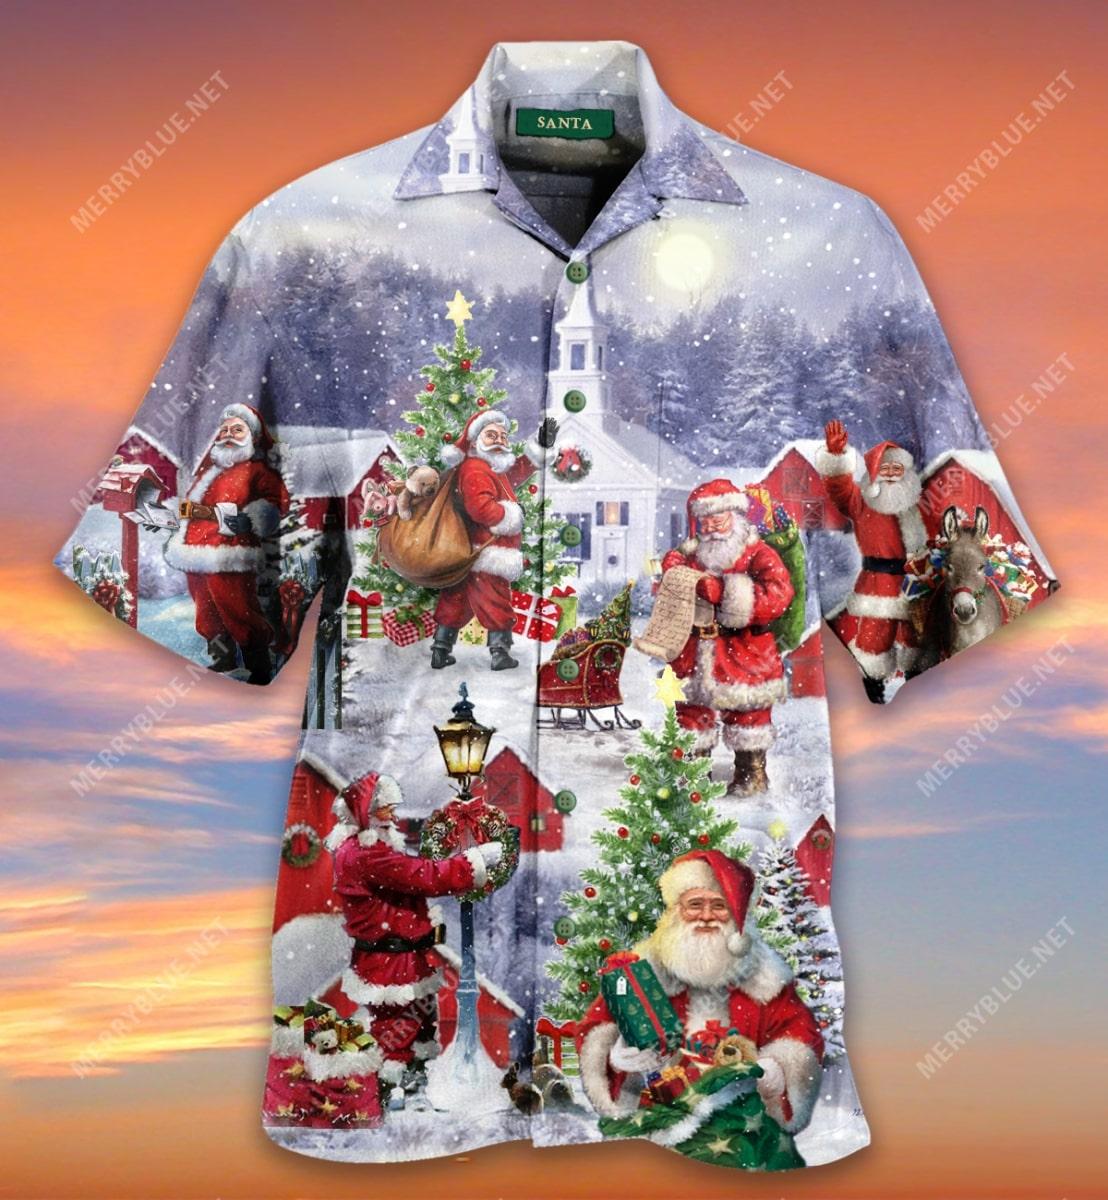 christmas santa claus is coming full printing hawaiian shirt 5